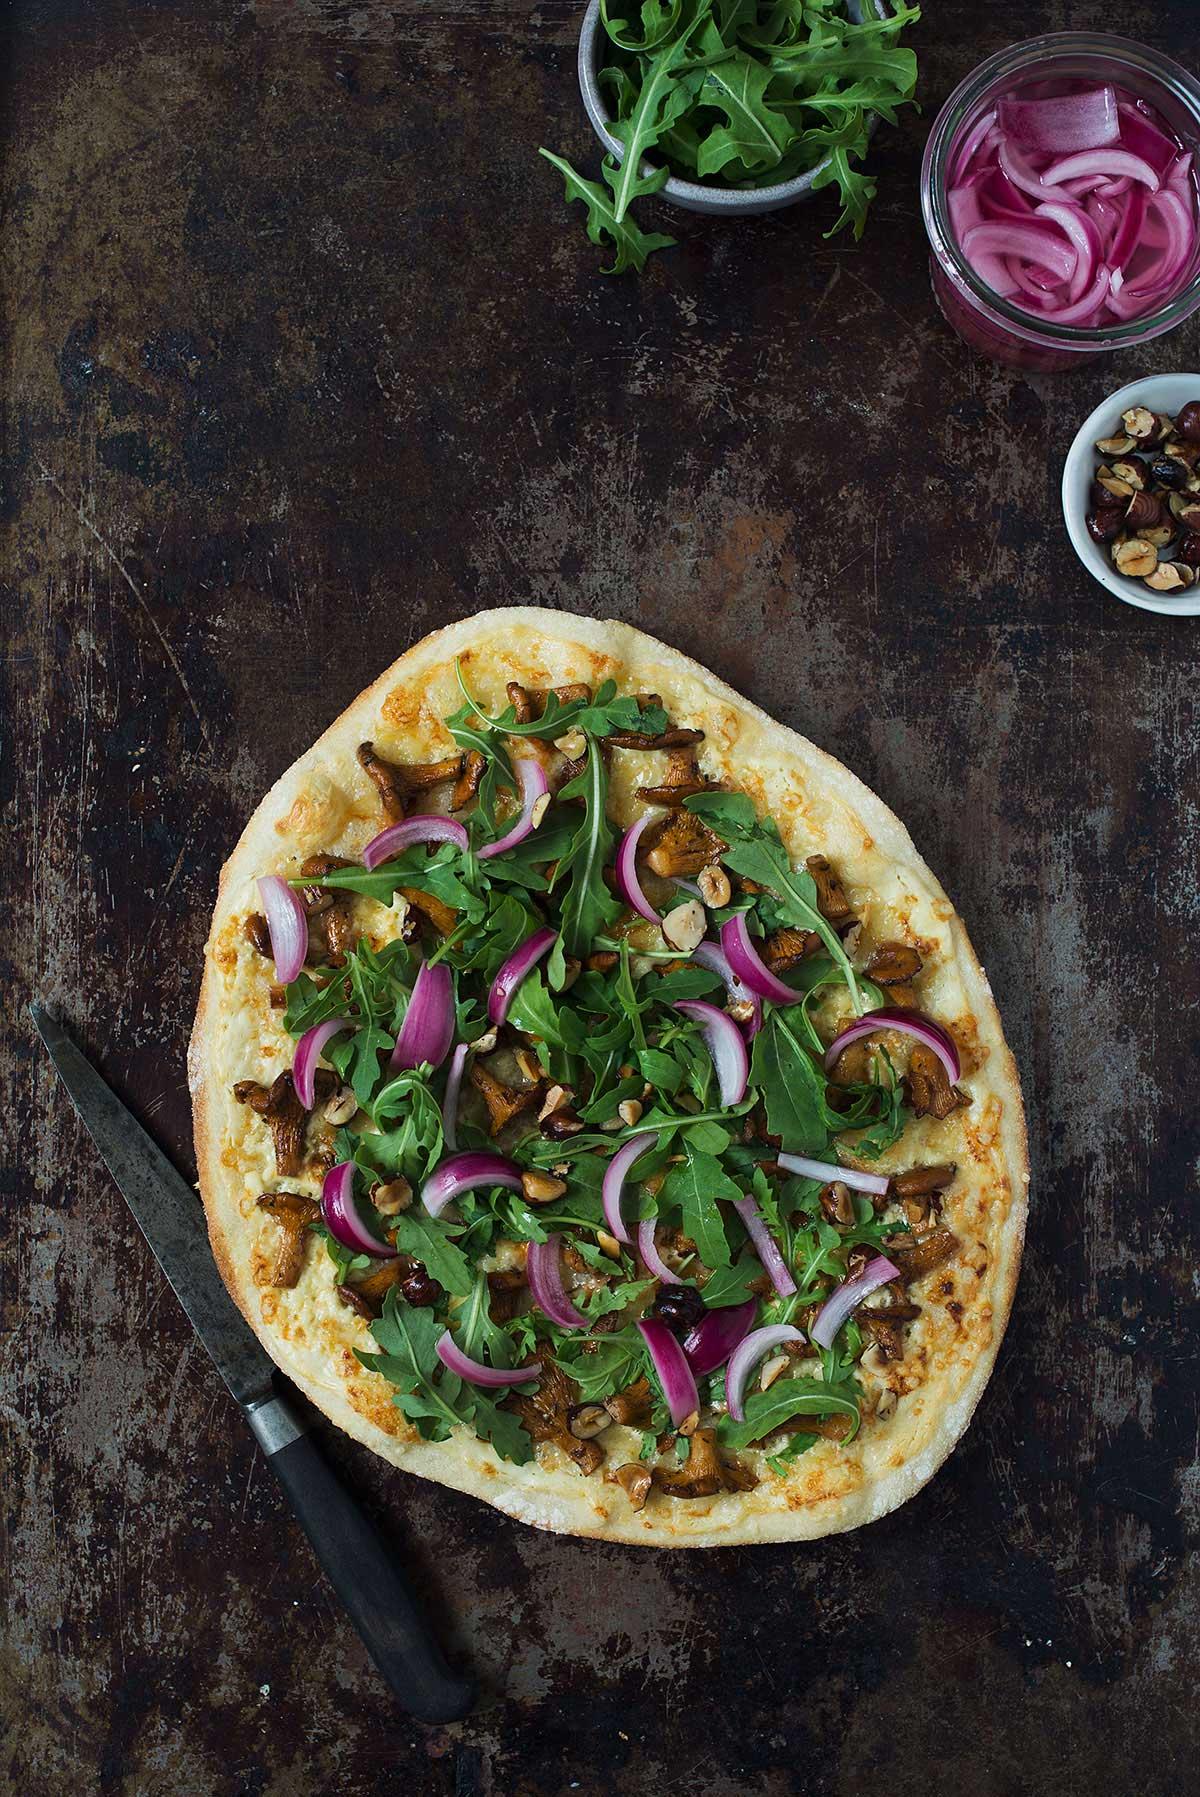 Recept: Vit pizza med kantareller och picklad rödlök   Frk. Kräsen